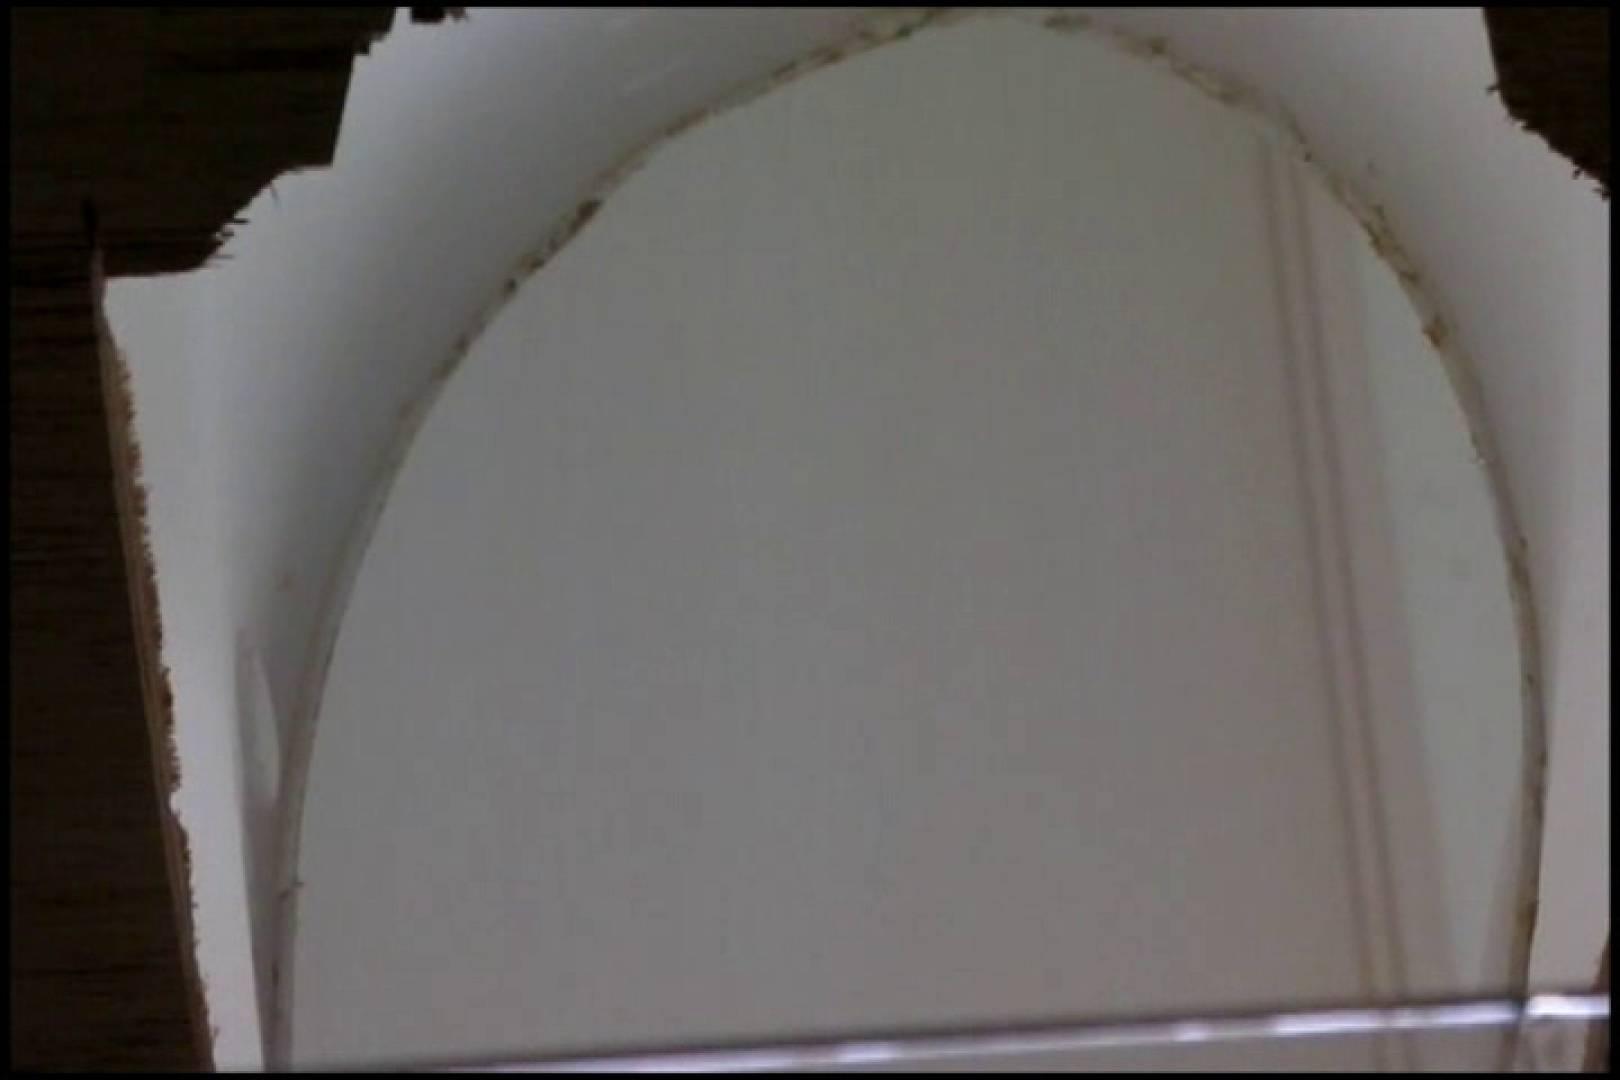 和式にまたがる女たちを待ちうけるカメラの衝撃映像vol.02 接写 盗撮オマンコ無修正動画無料 107連発 9